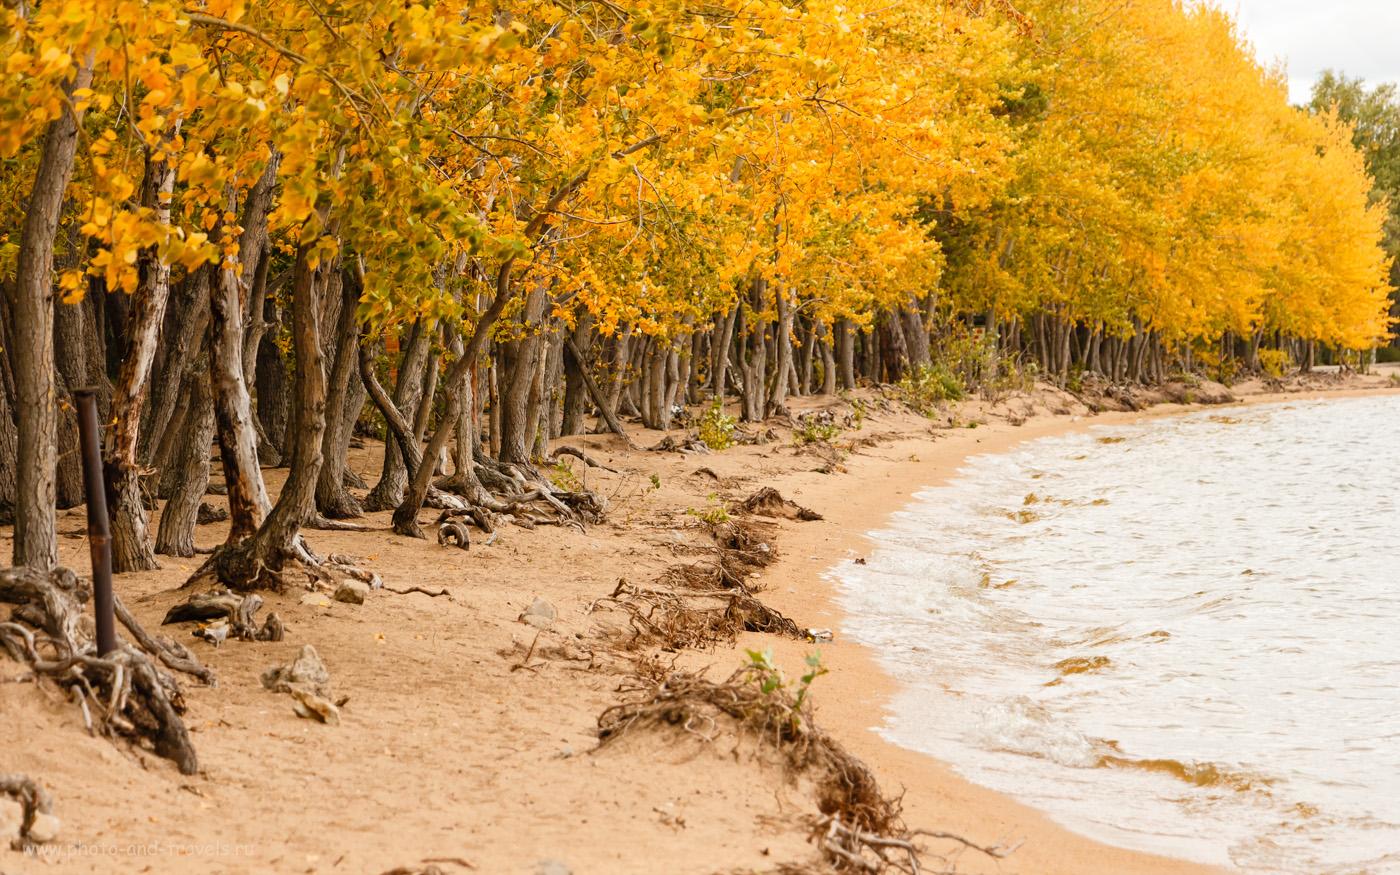 Фотография 37. Центральный пляж в Бурабае осенью. Отзыв о поездке на отдых в Казахстан из России. 1/400, +0.3, 5.6, 400, 104.